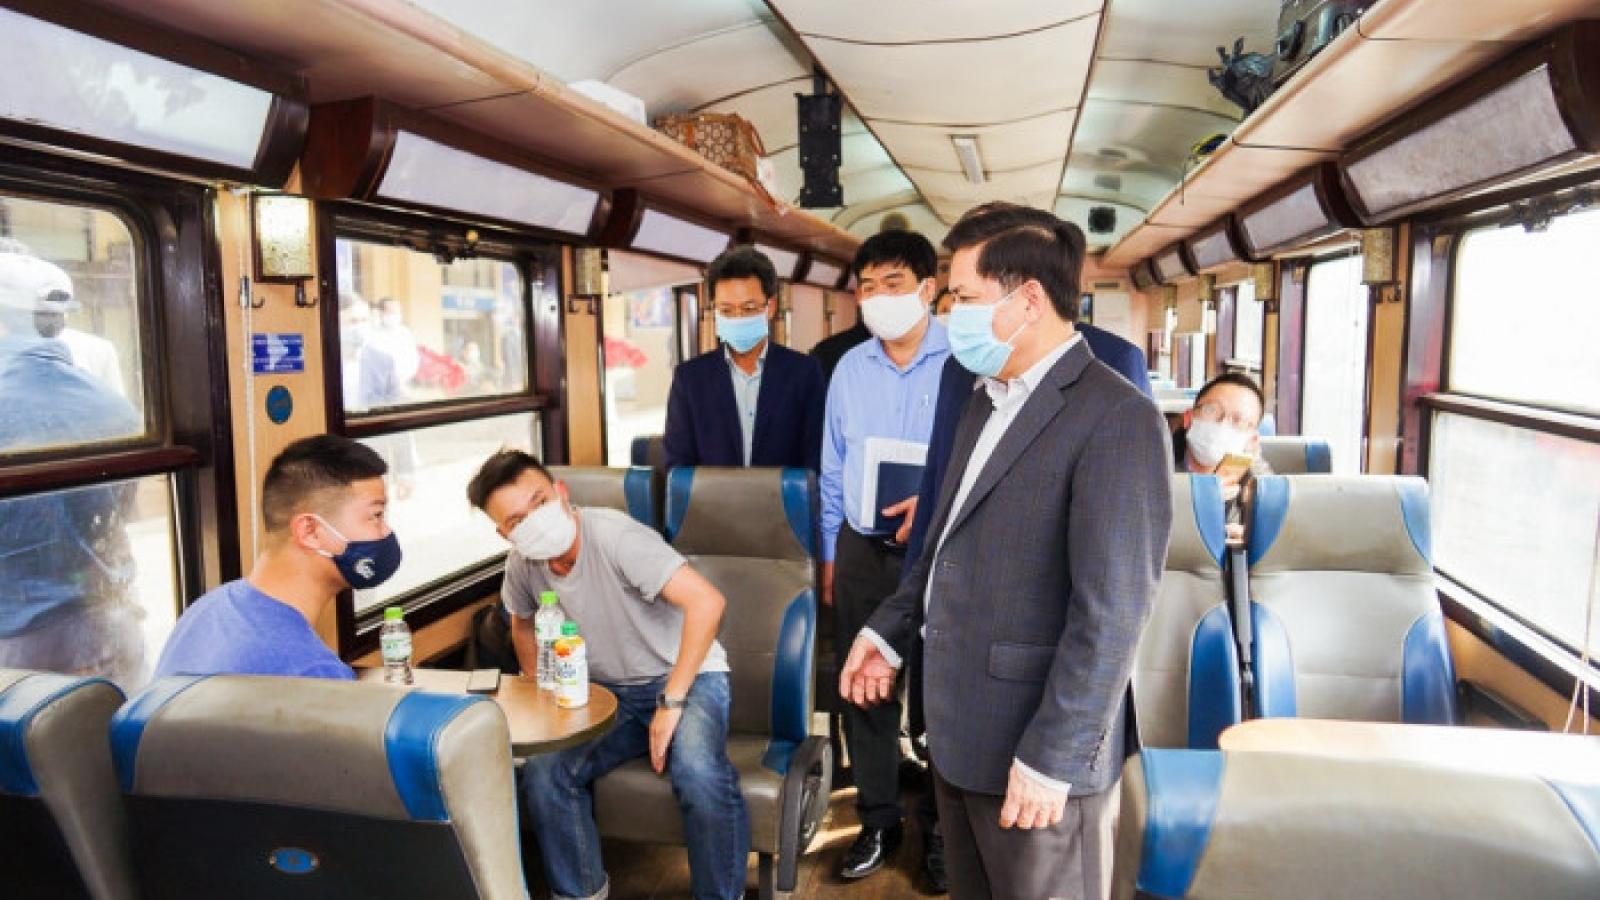 Bộ trưởng Nguyễn Văn Thể kiểm tra đột xuất bến xe Giáp Bát,ga Hà Nội